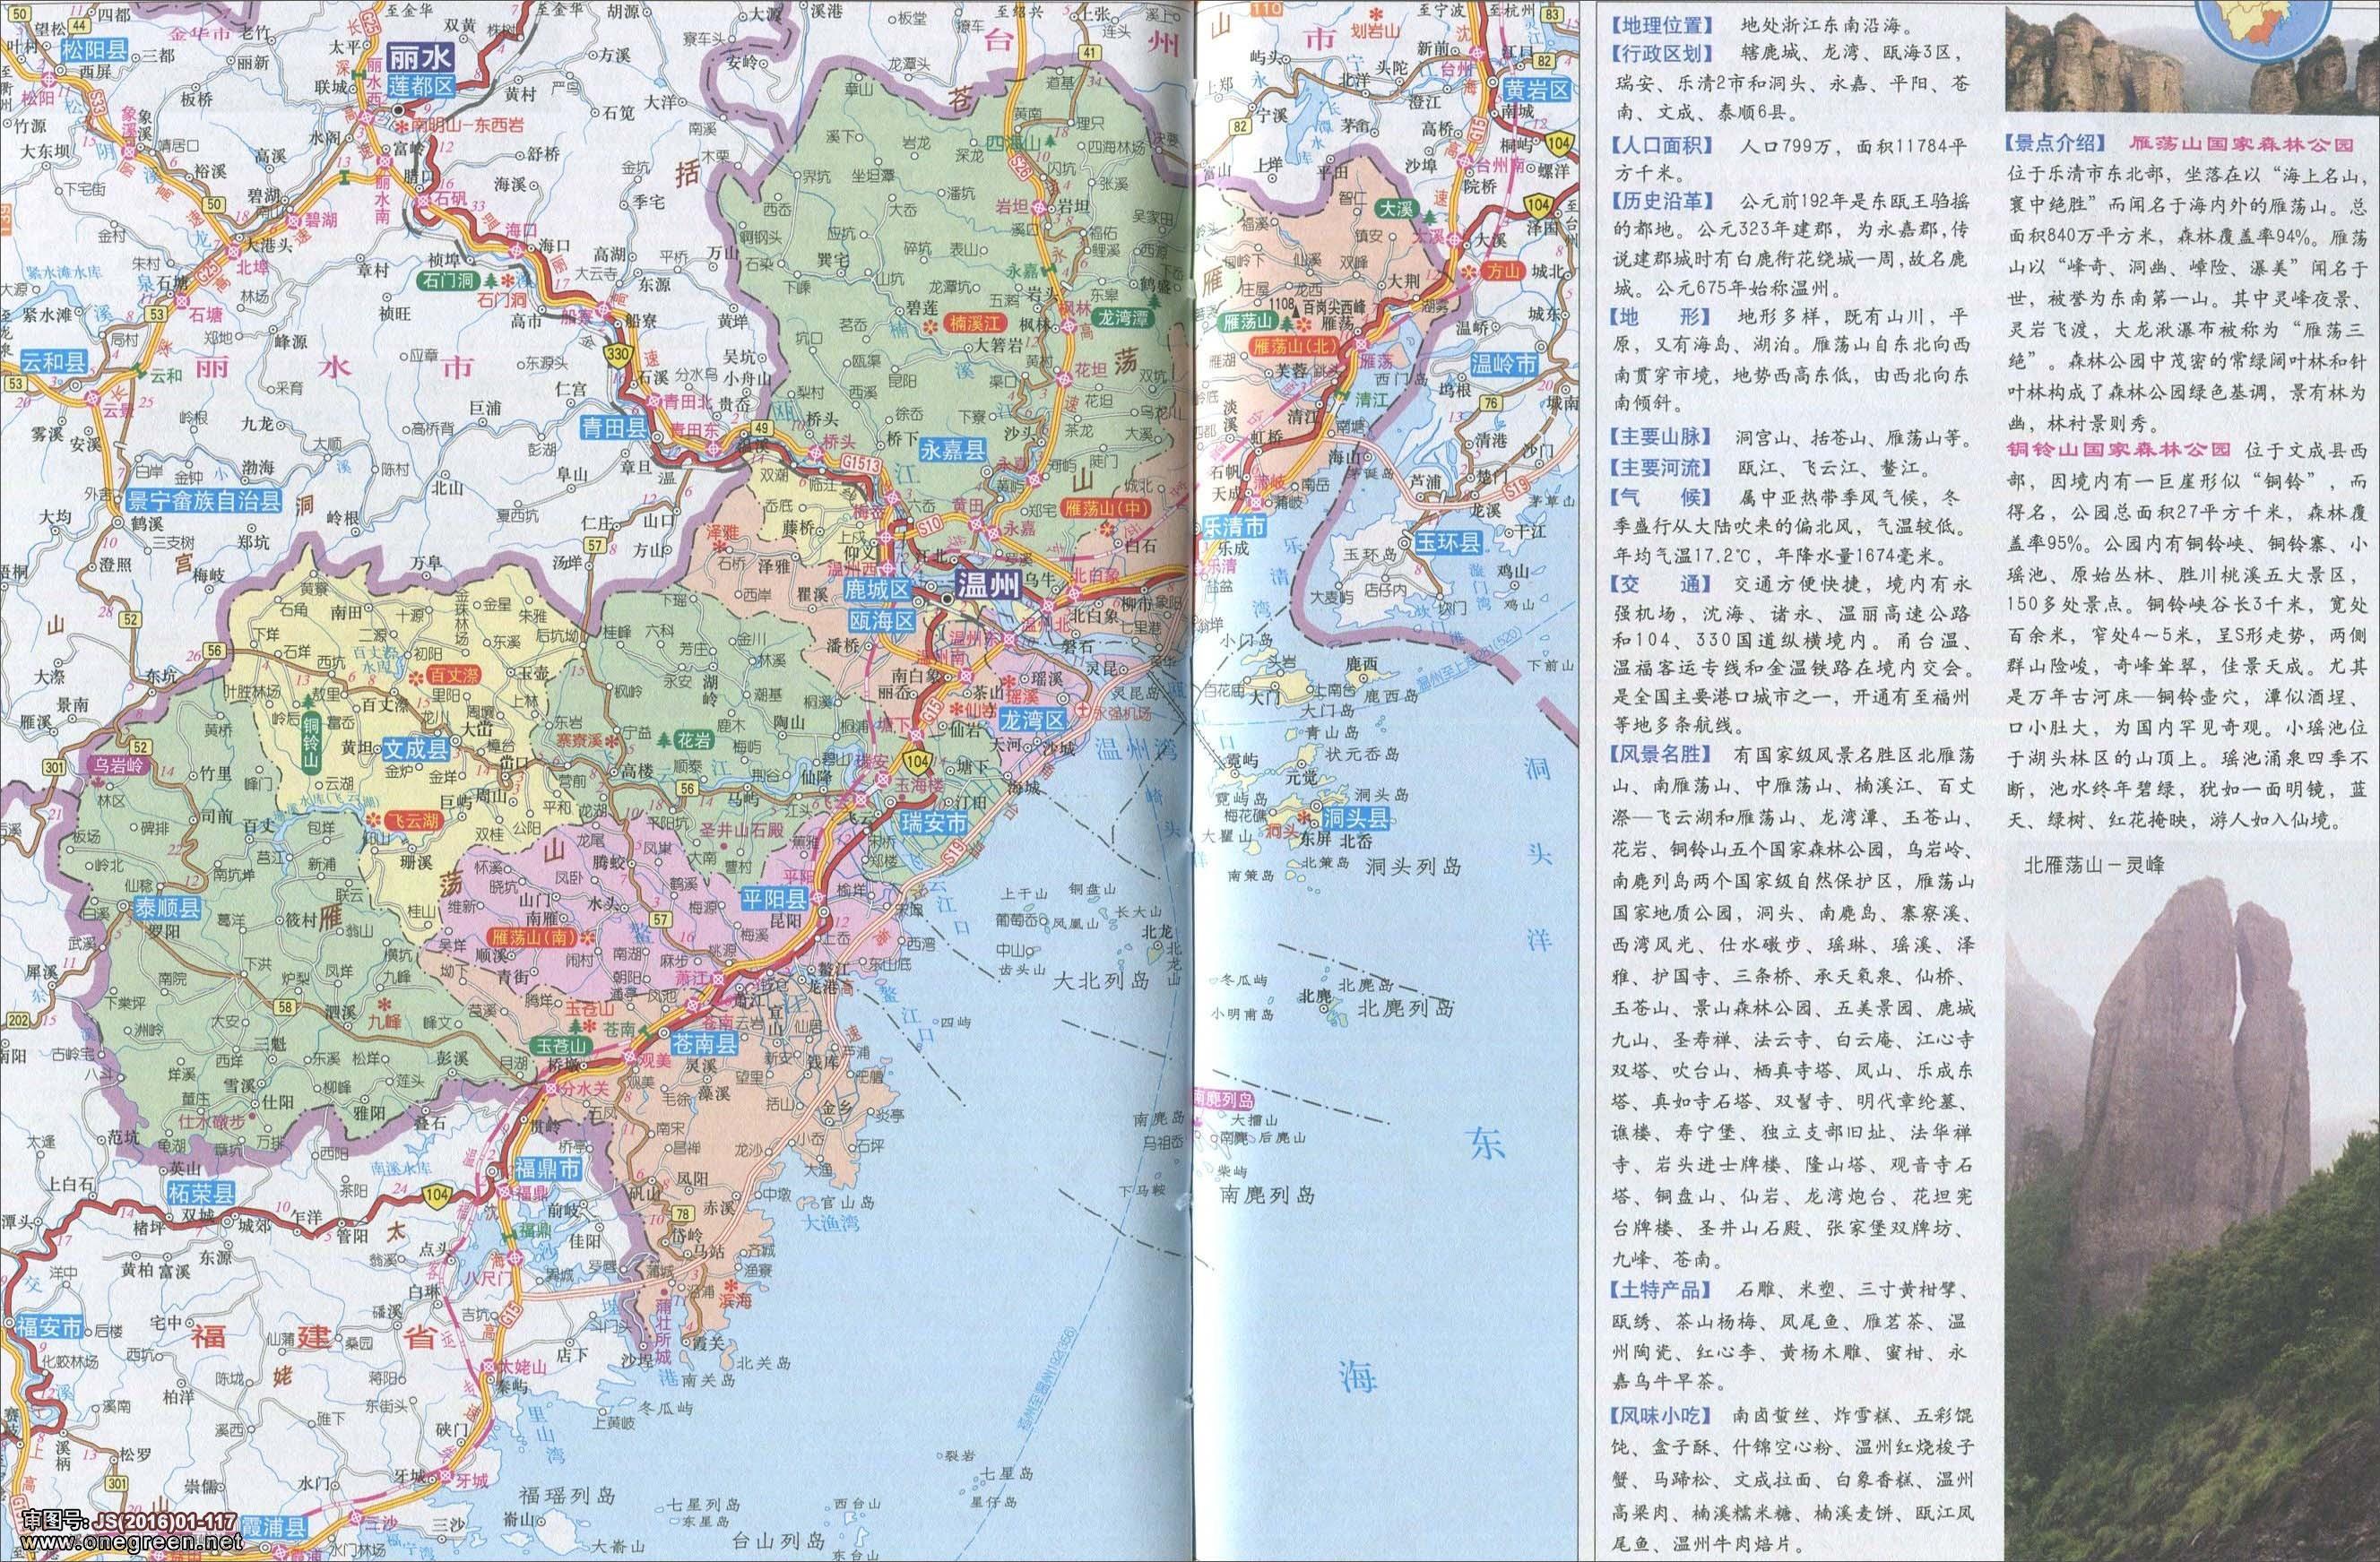 温州市地图高清版